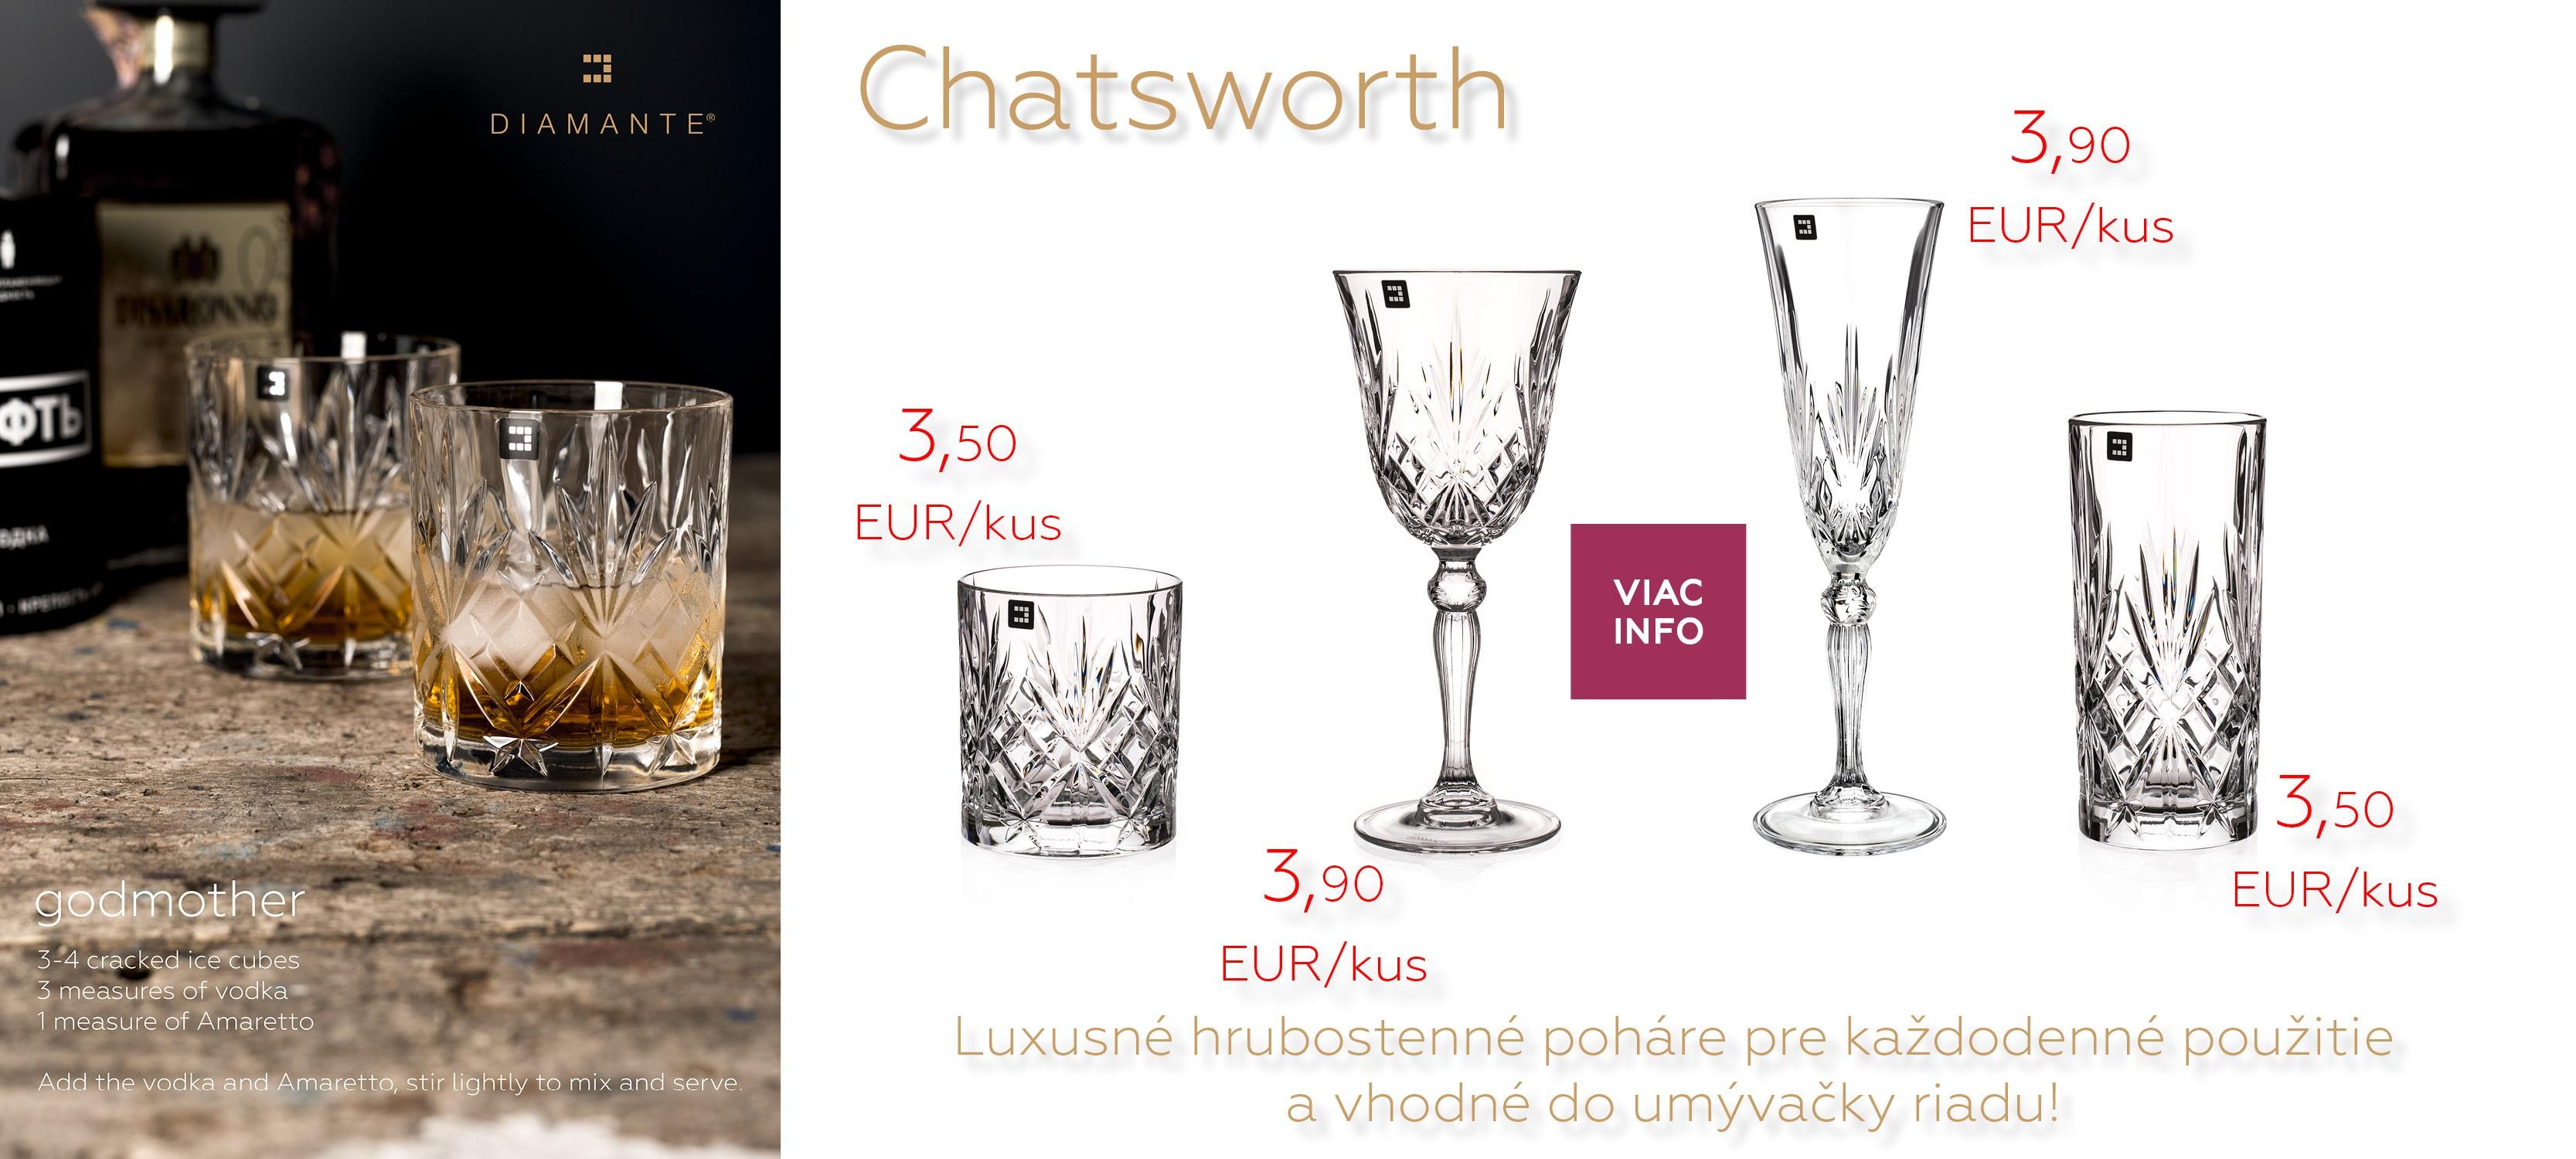 Luxusné hrubostenné poháre pre každodenné použitie a vhodné do umývačky riadu